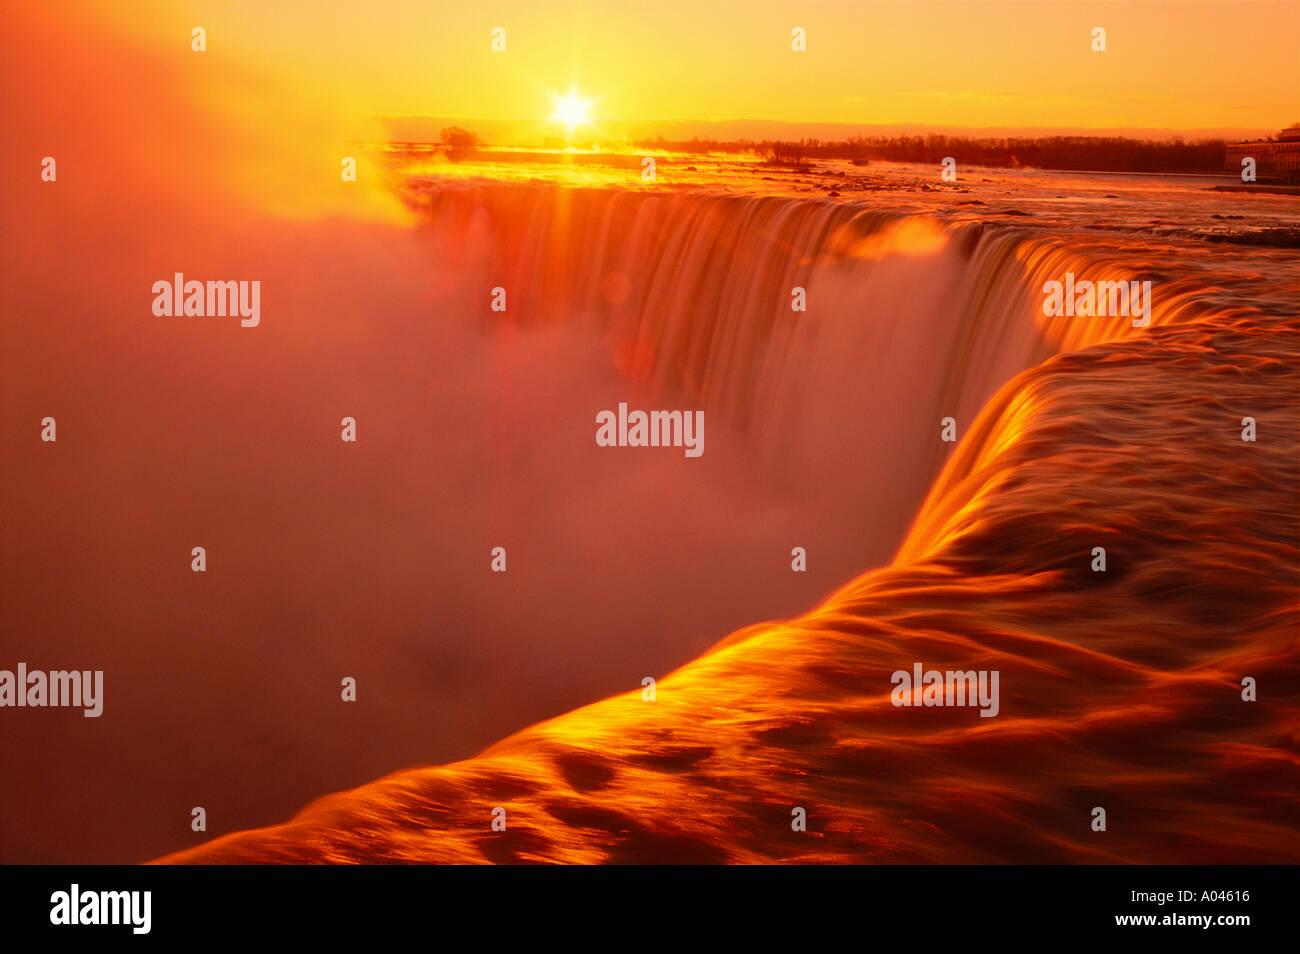 Las cataratas del Niágara de Ontario, Canadá amanecer sobre las cataratas del Niágara Imagen De Stock